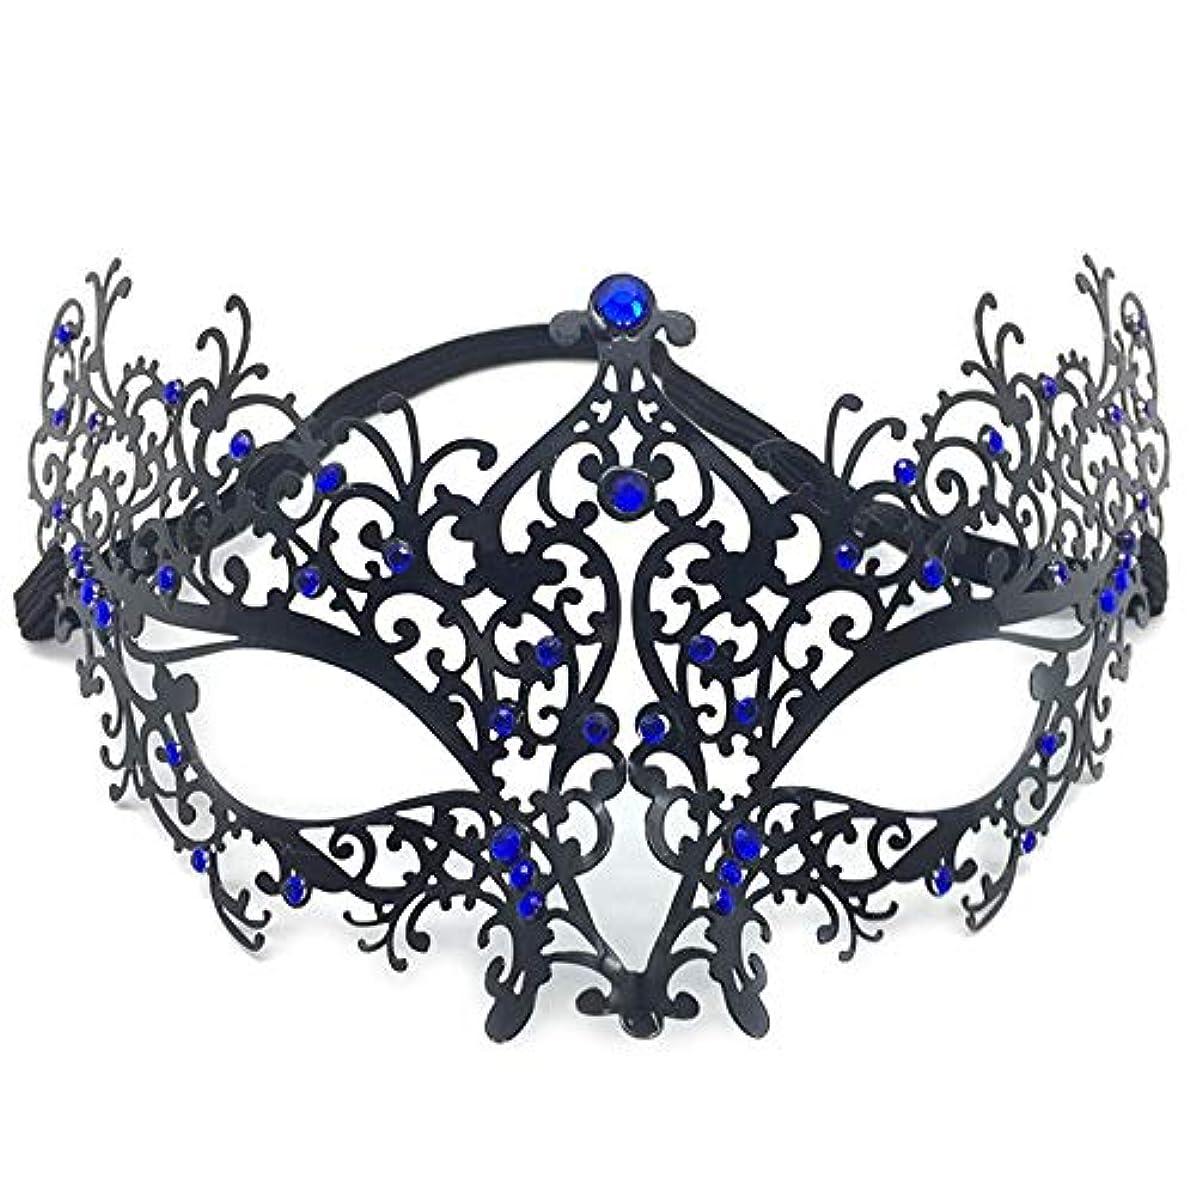 いつか扇動ハウス仮面舞踏会アイアンマスクパーティーCOSはメタリックダイヤモンドハーフフェイスハロウィンアイアンマスクをドレスアップ (Color : B)